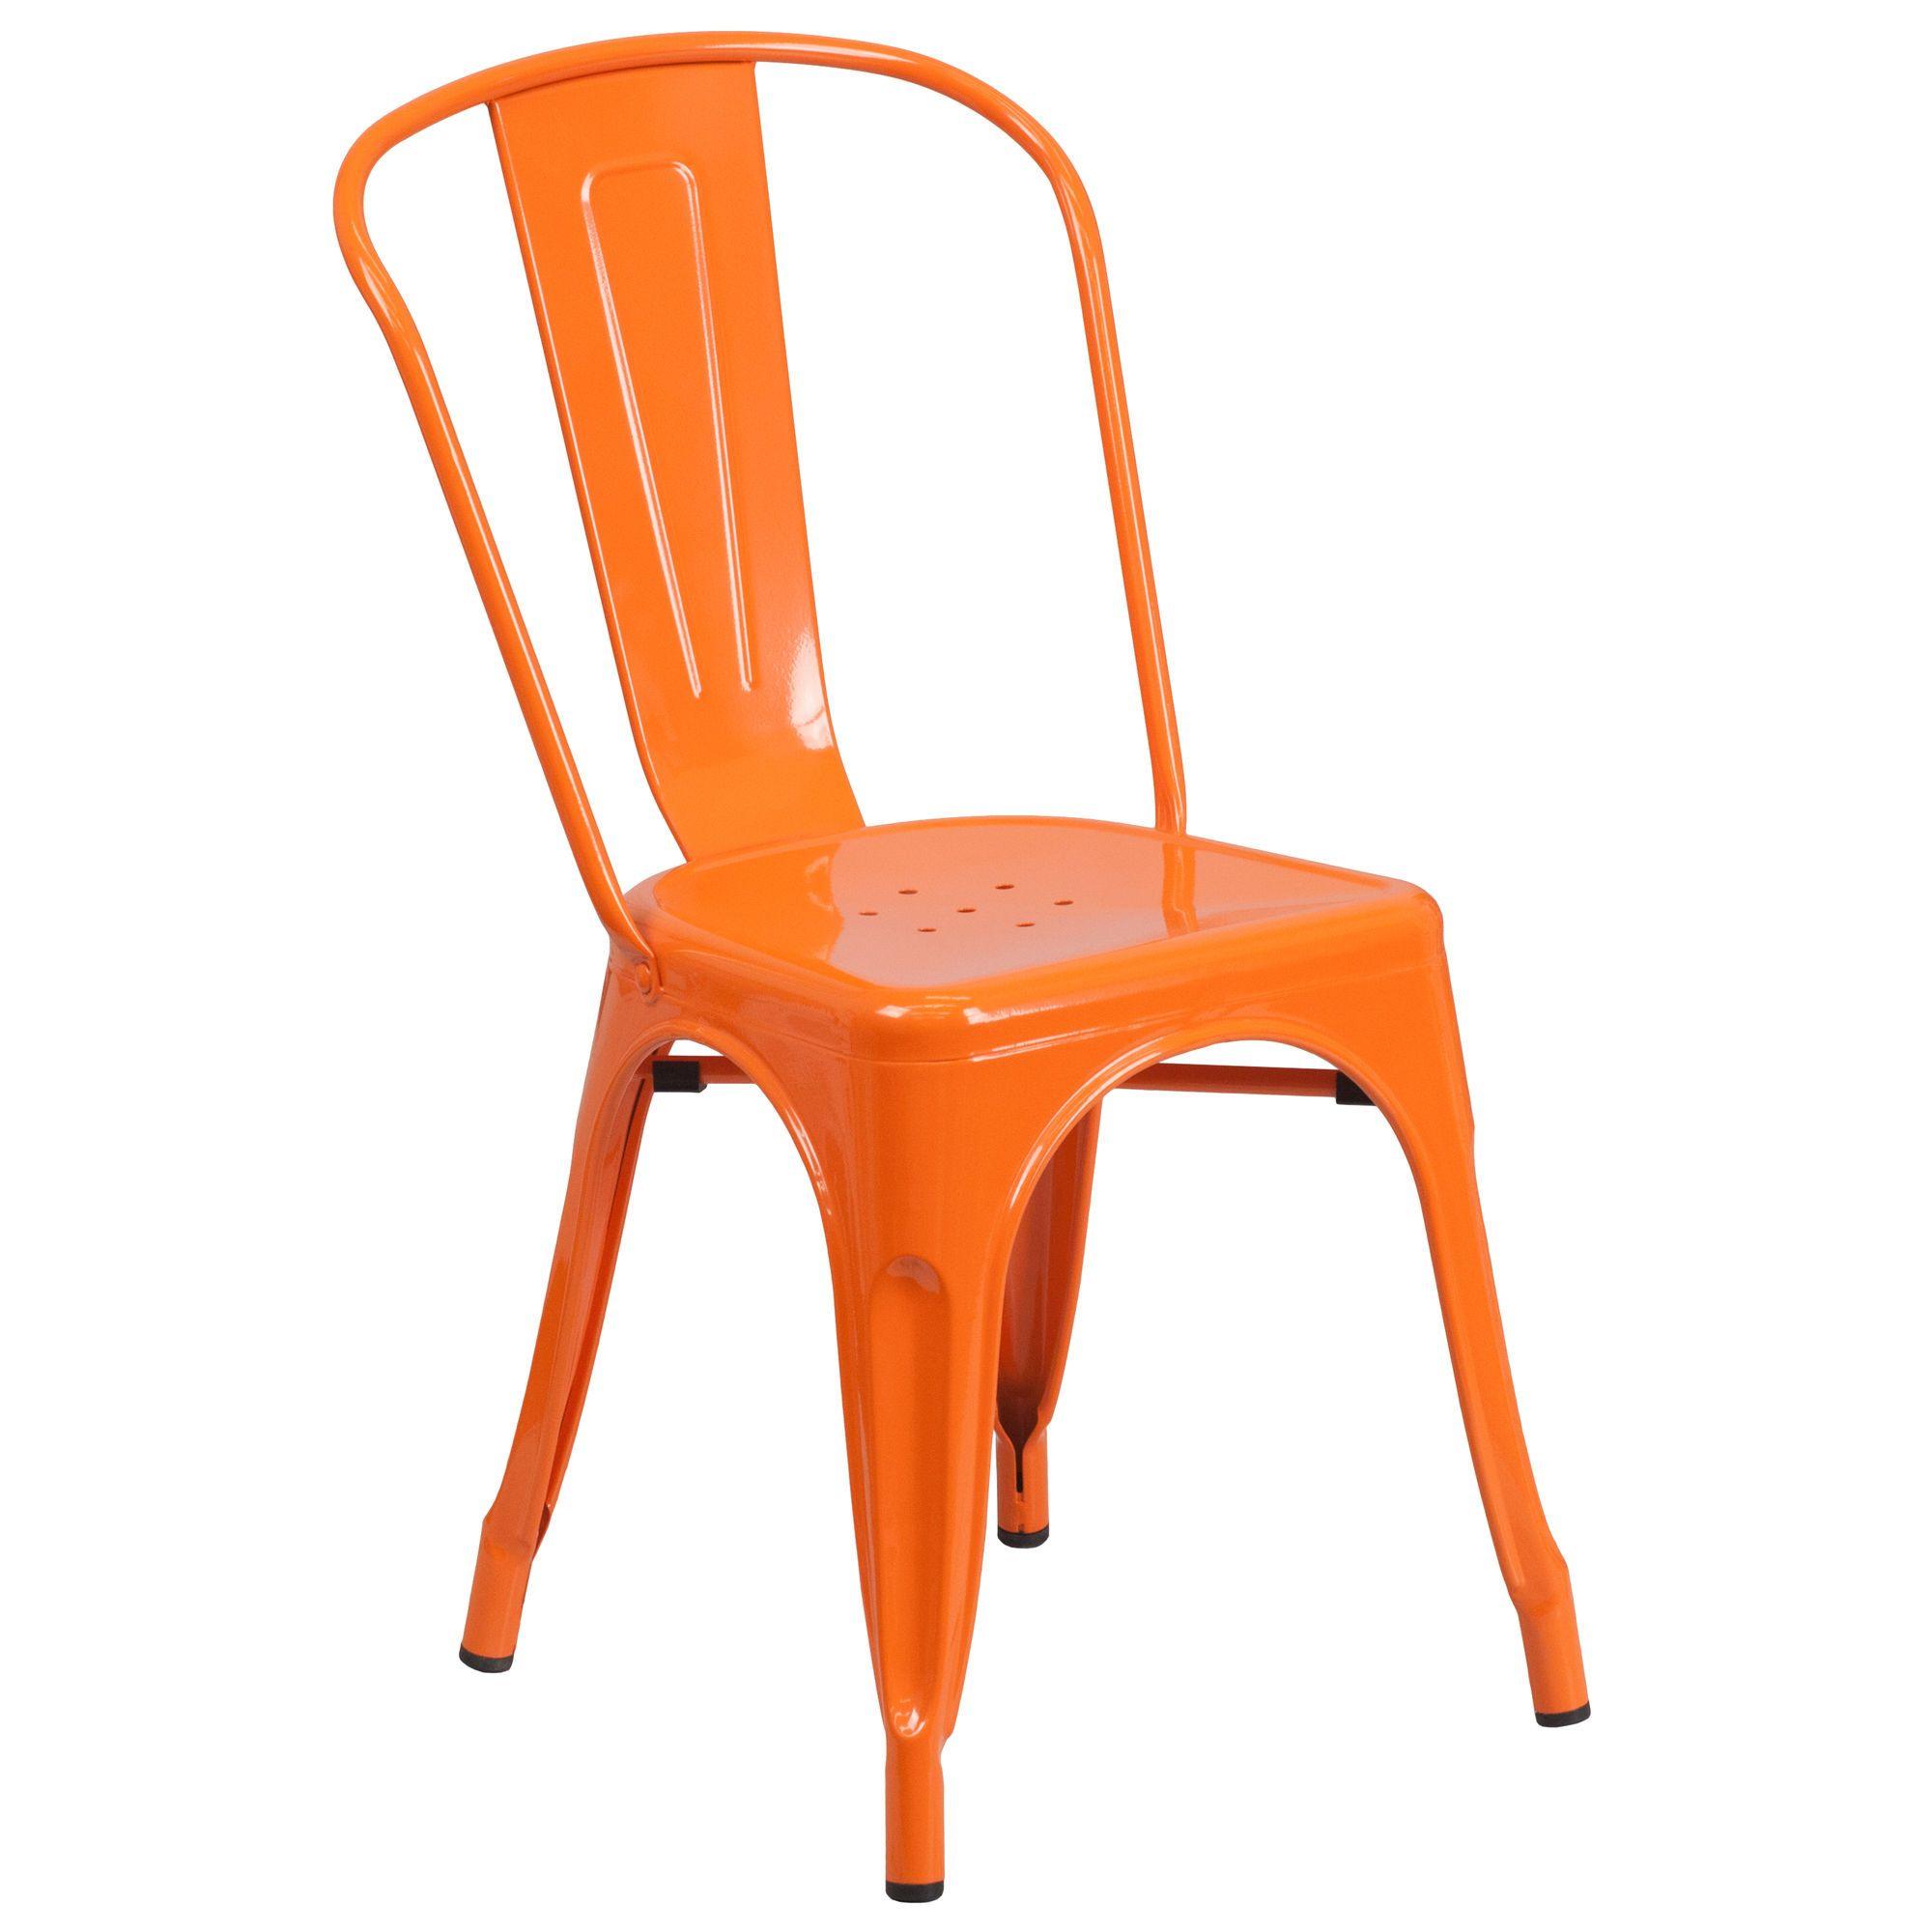 Commercial grade orange metal indooroutdoor stackable